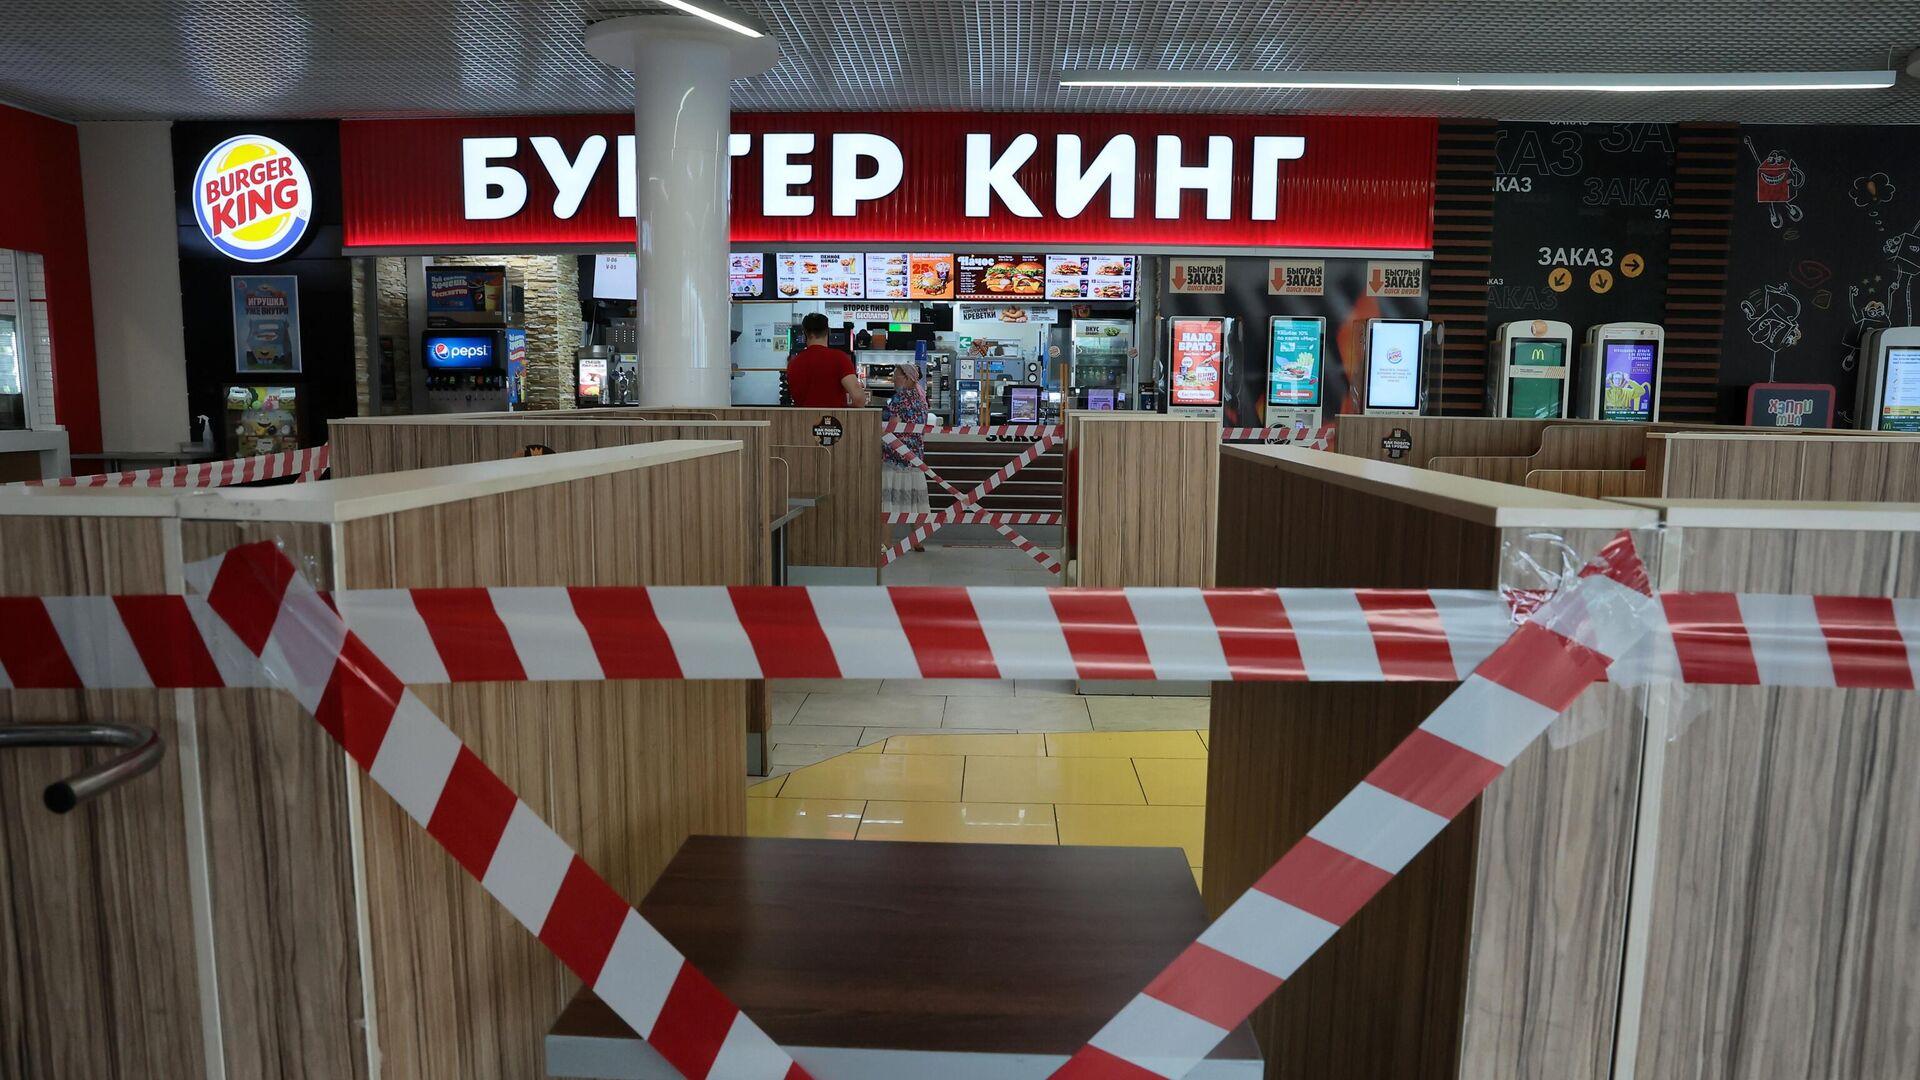 Закрытый фудкорт на территории торгово-развлекательного центра Макси в Туле - РИА Новости, 1920, 29.07.2021